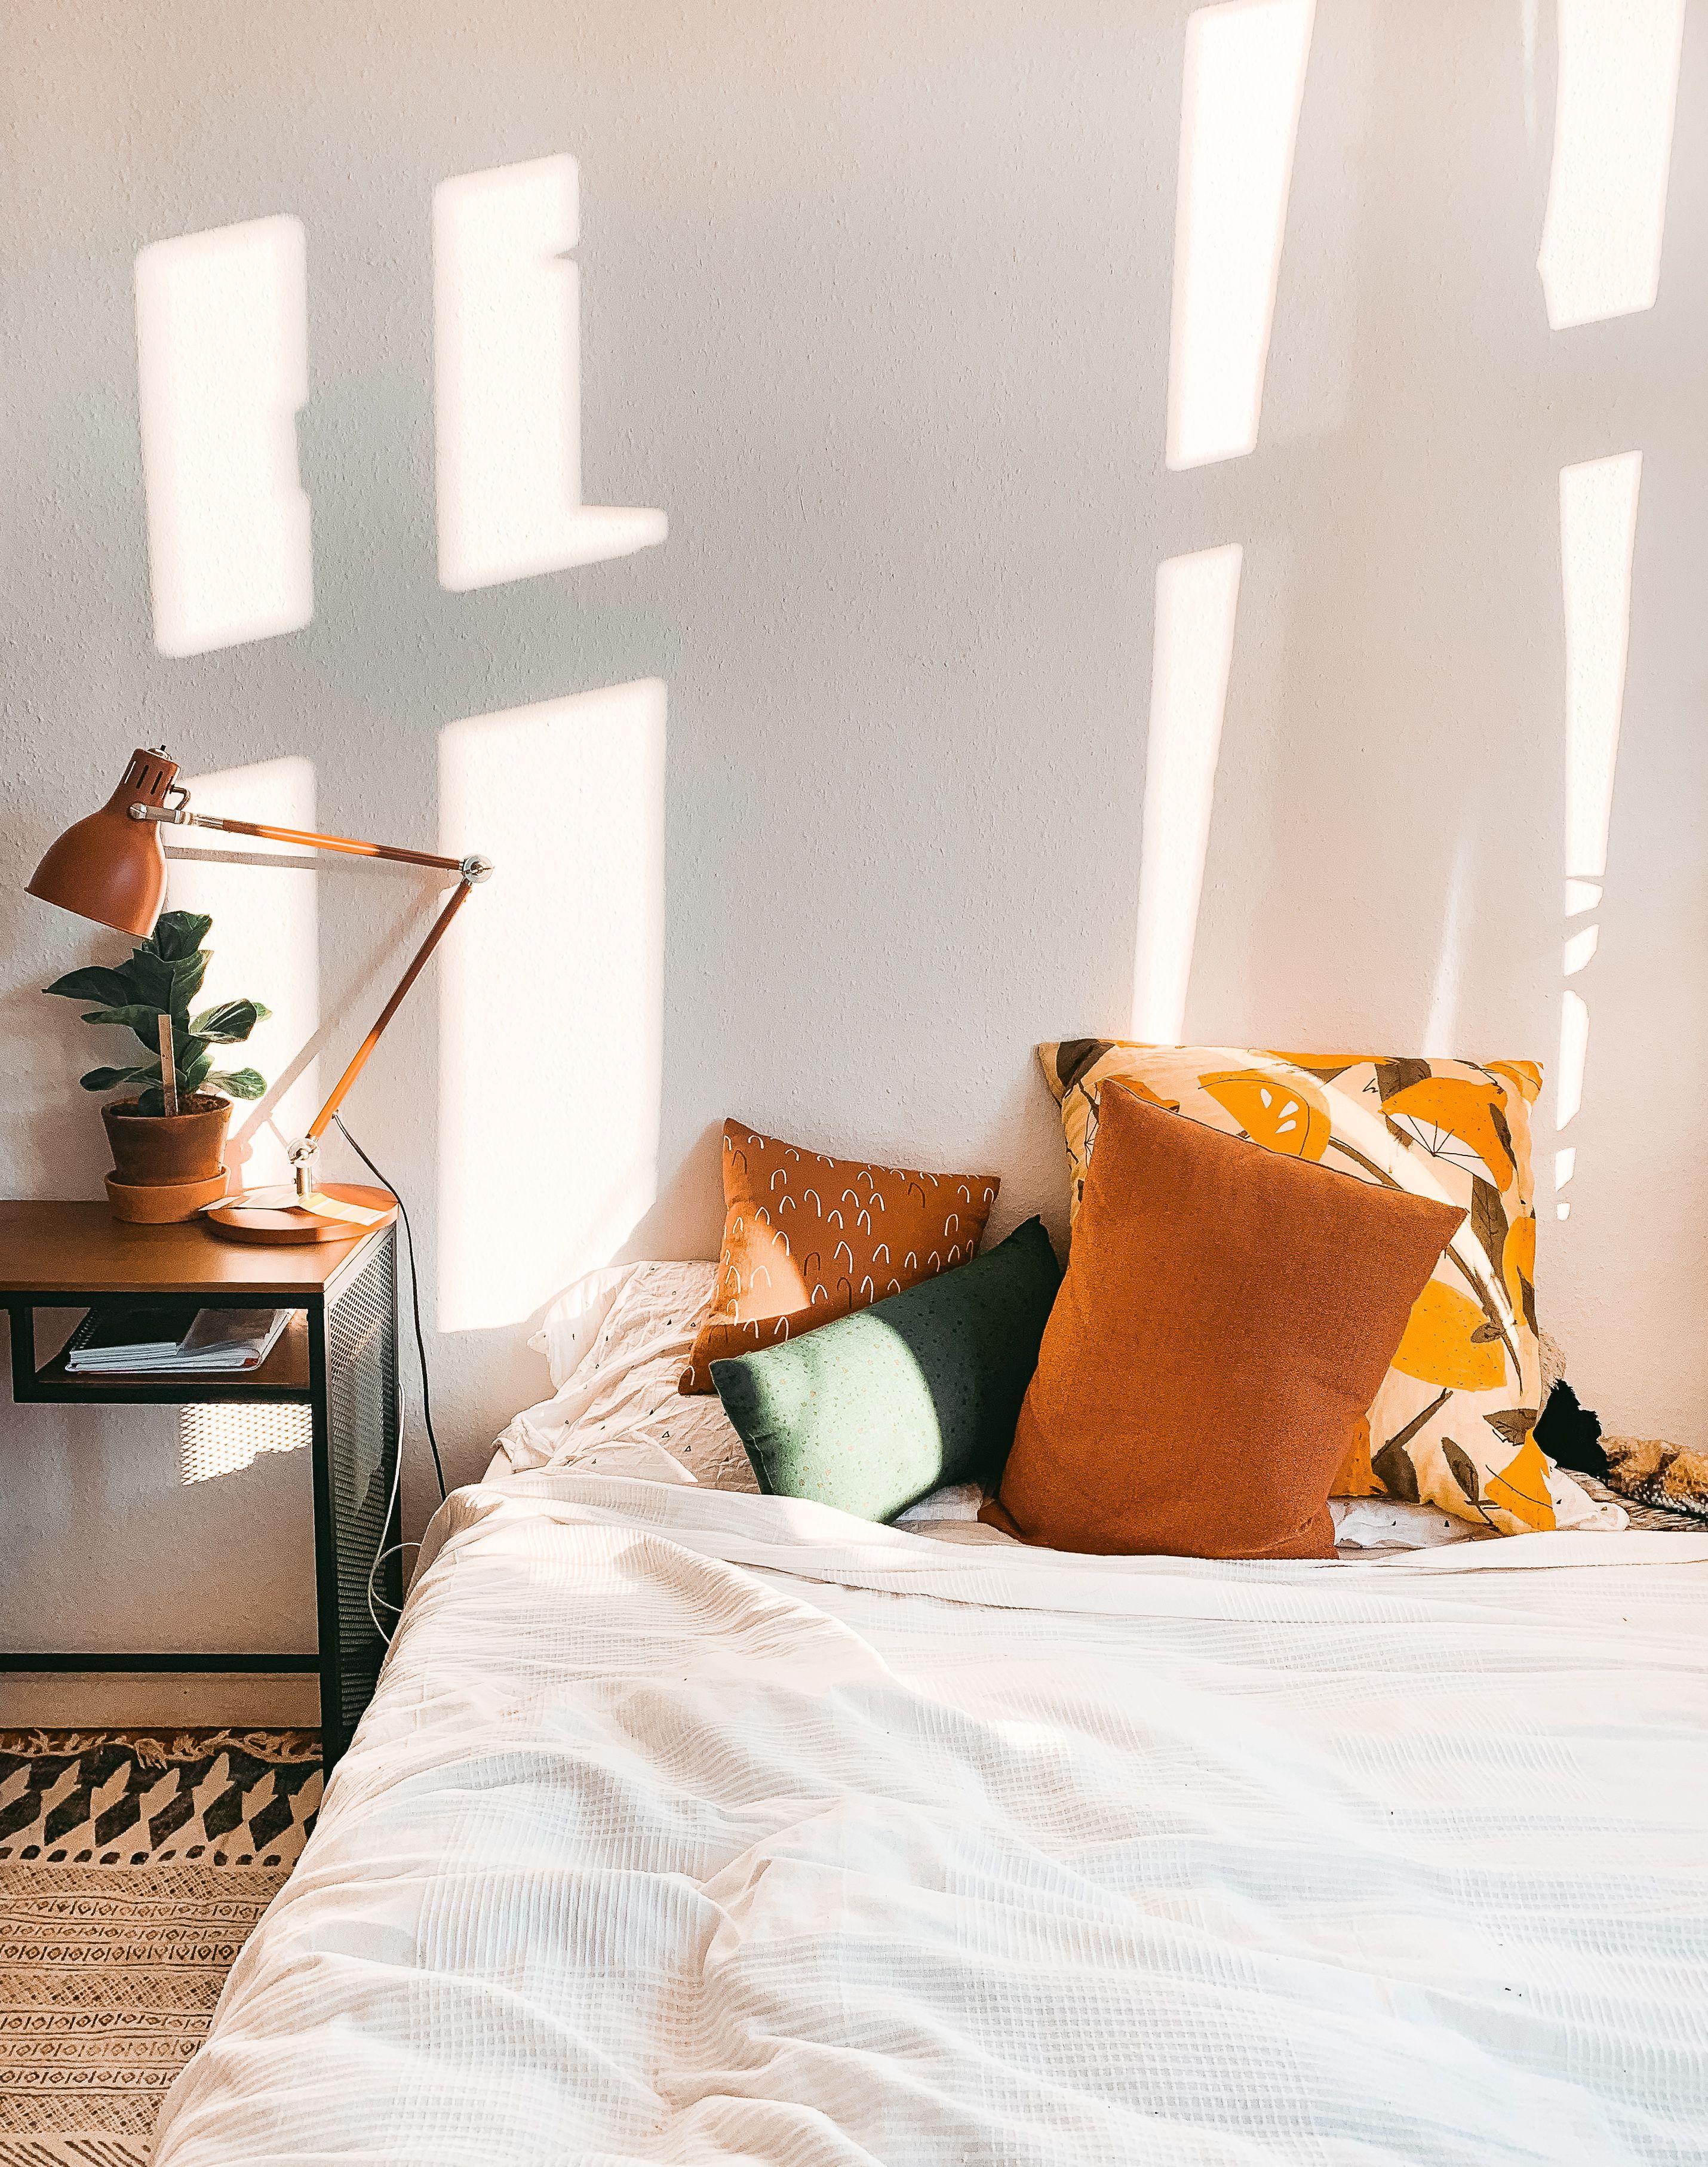 DekoTipps zum WohlfühlWohnen Weißes schlafzimmer dekor